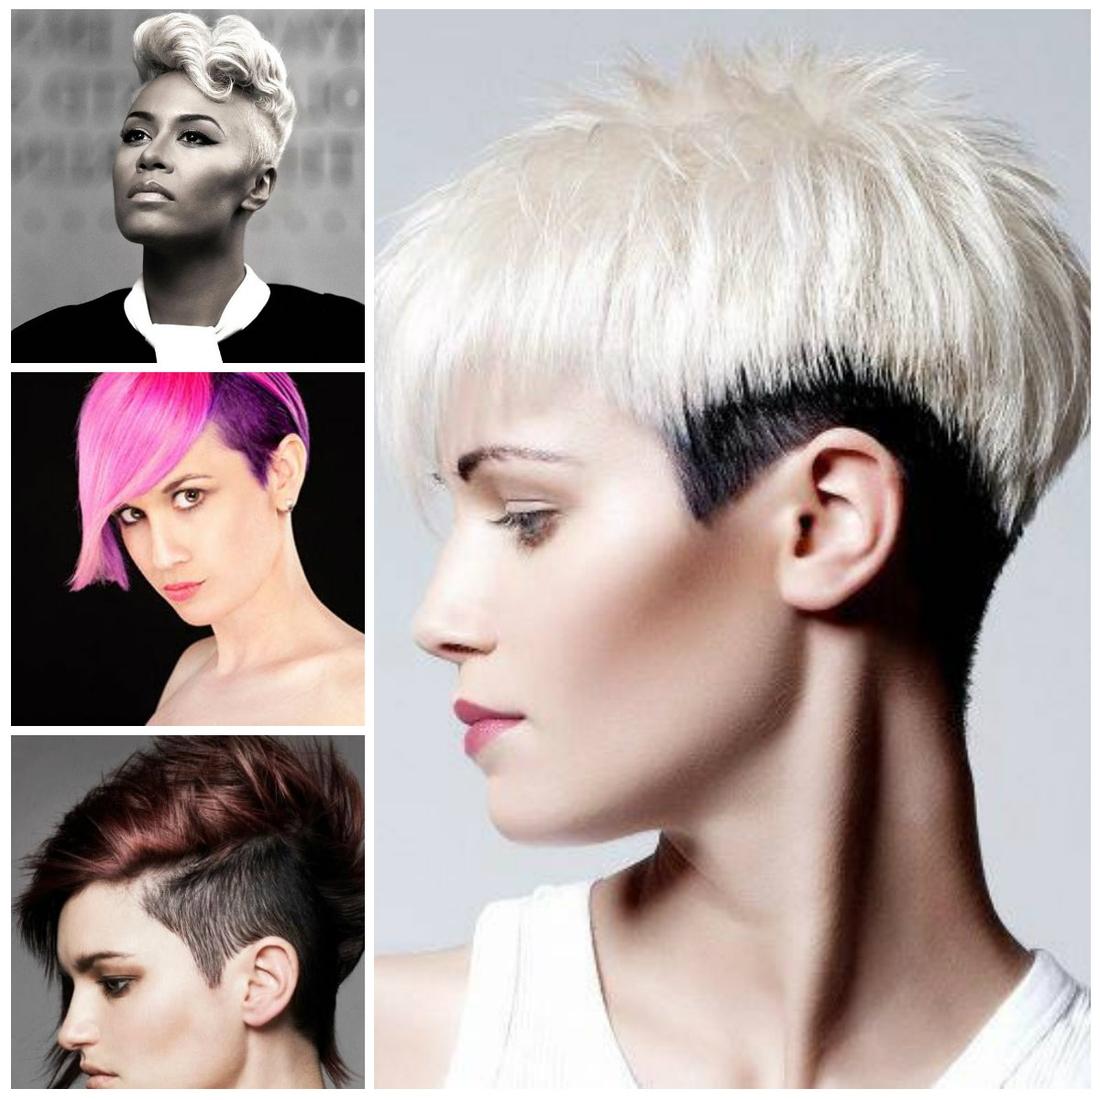 vier Designs von Undercut Frauen in zwei unterschiedlichen Farben - schwarz-weiß, rosa-lila und andere